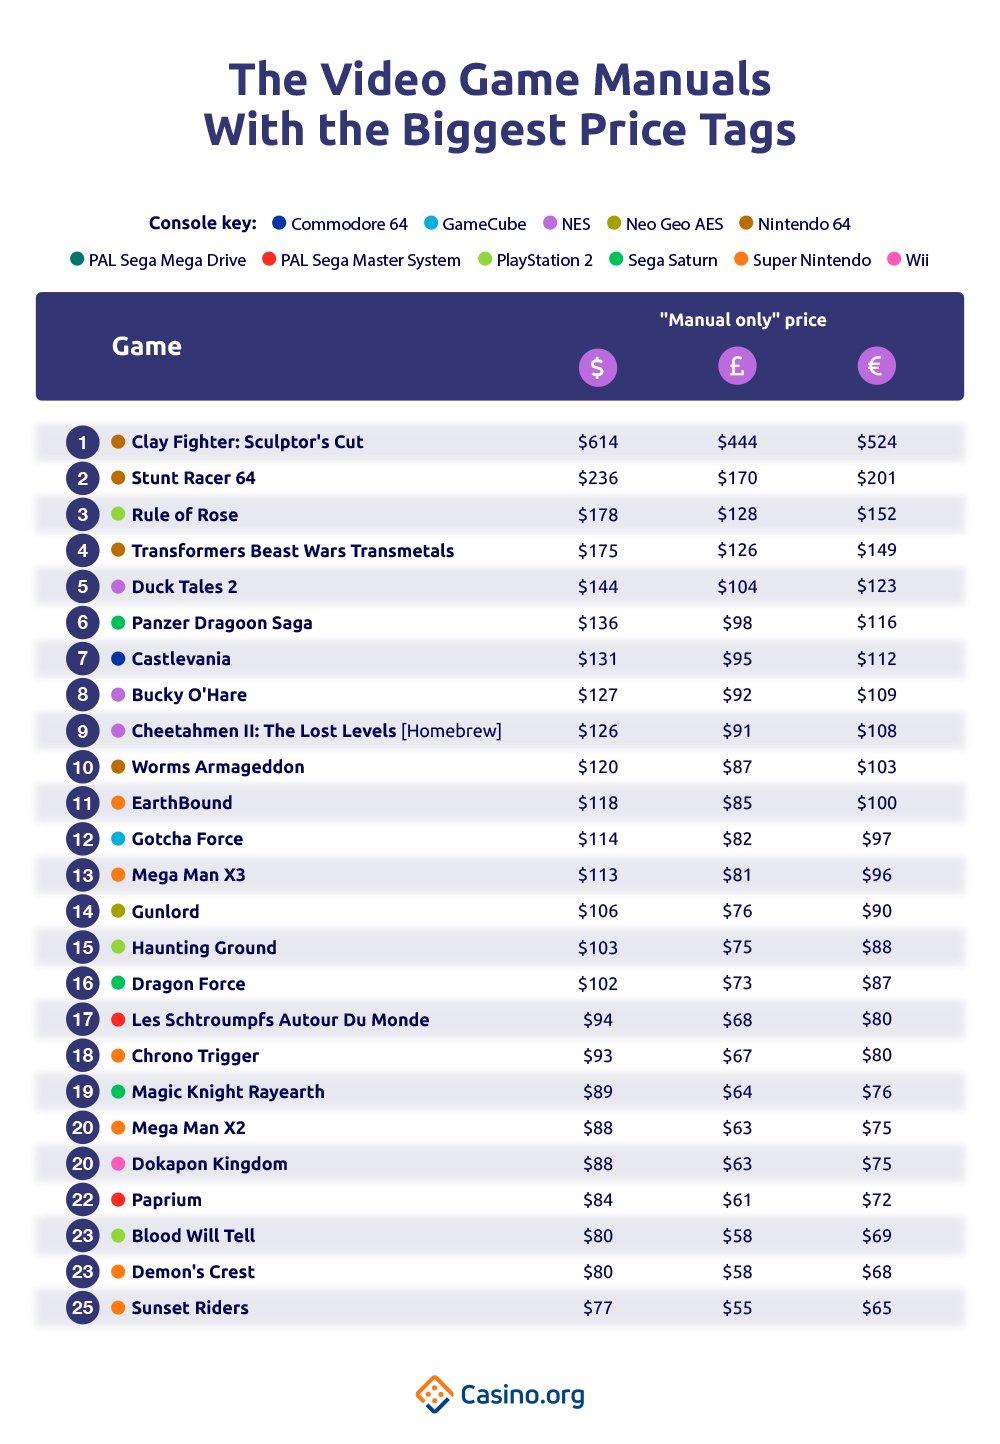 Video Game Manual Dengan Tag Harga Terbesar daftar lengkap